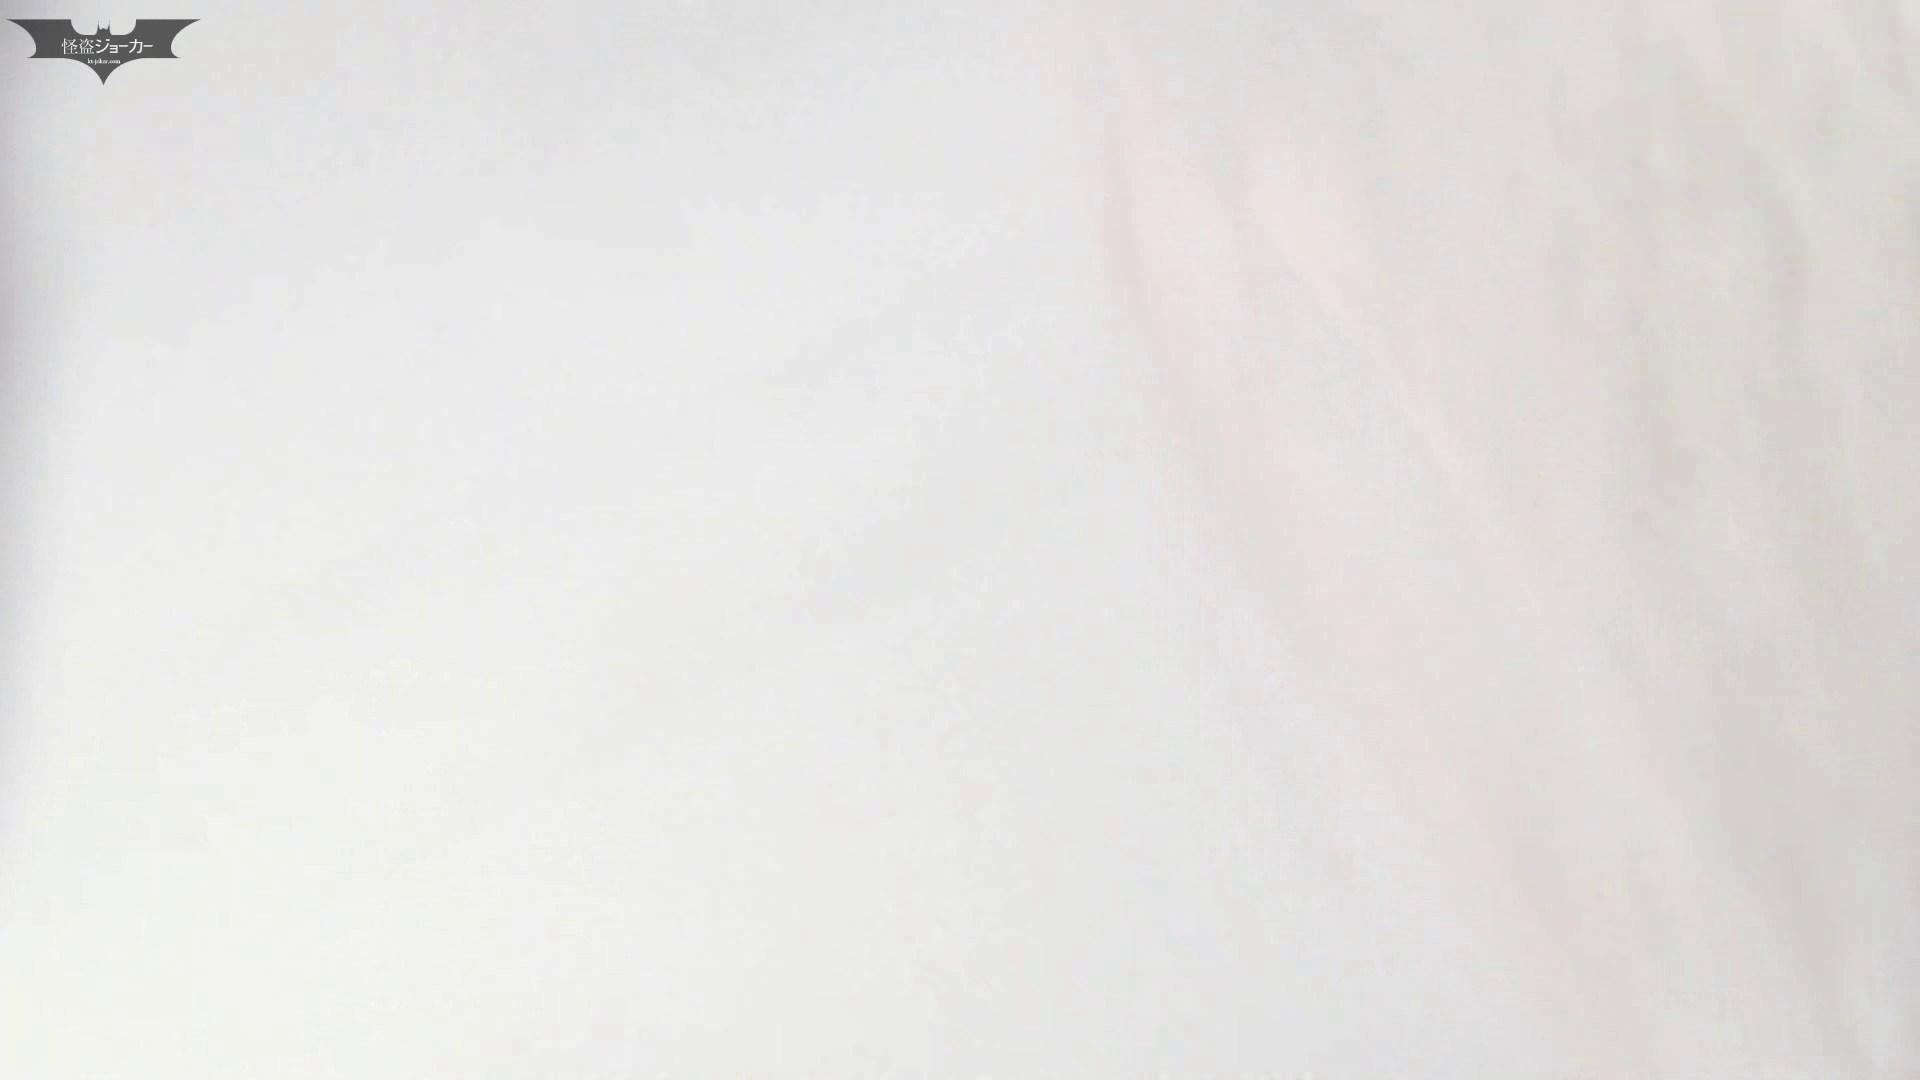 下からノゾム vol.015 これがいわゆる「タ・ラ・コ」唇ってやつですね。 エッチすぎるOL達  79連発 48